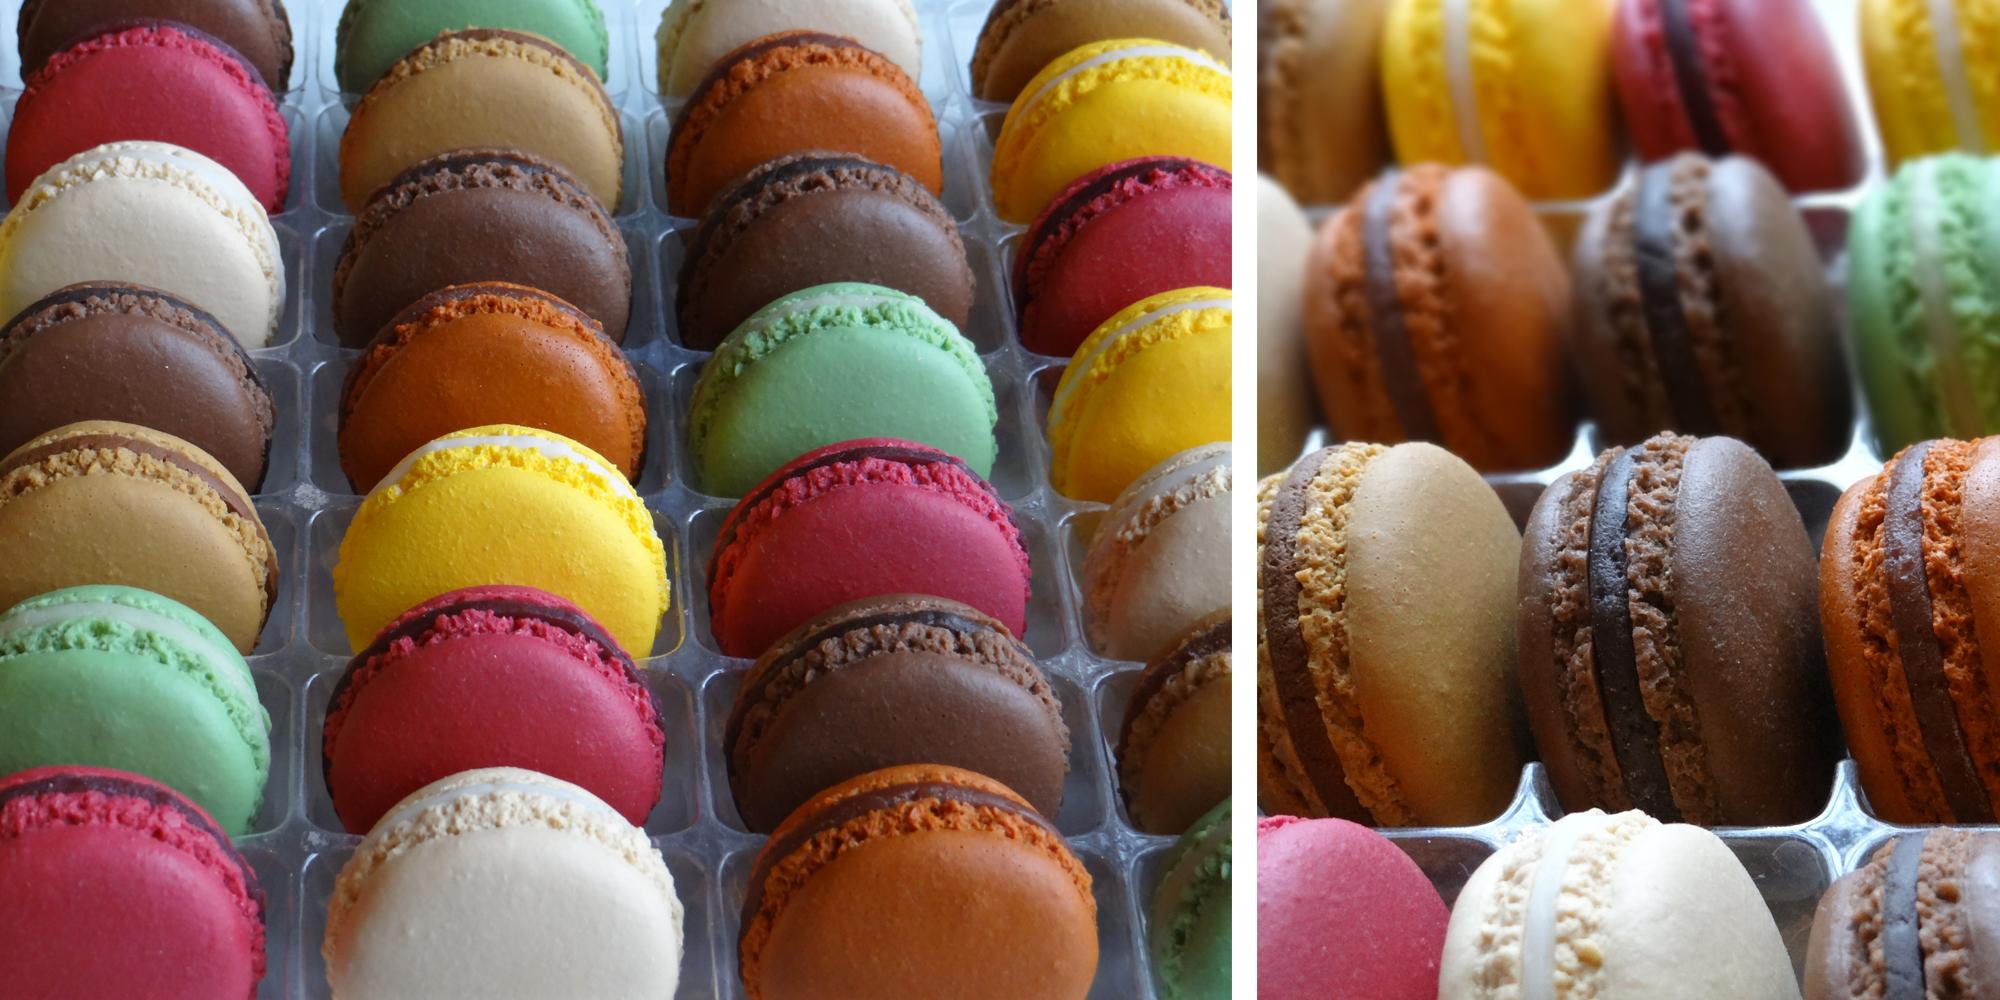 les macarons factices hyper réaliste en aspect trompe l'oeil